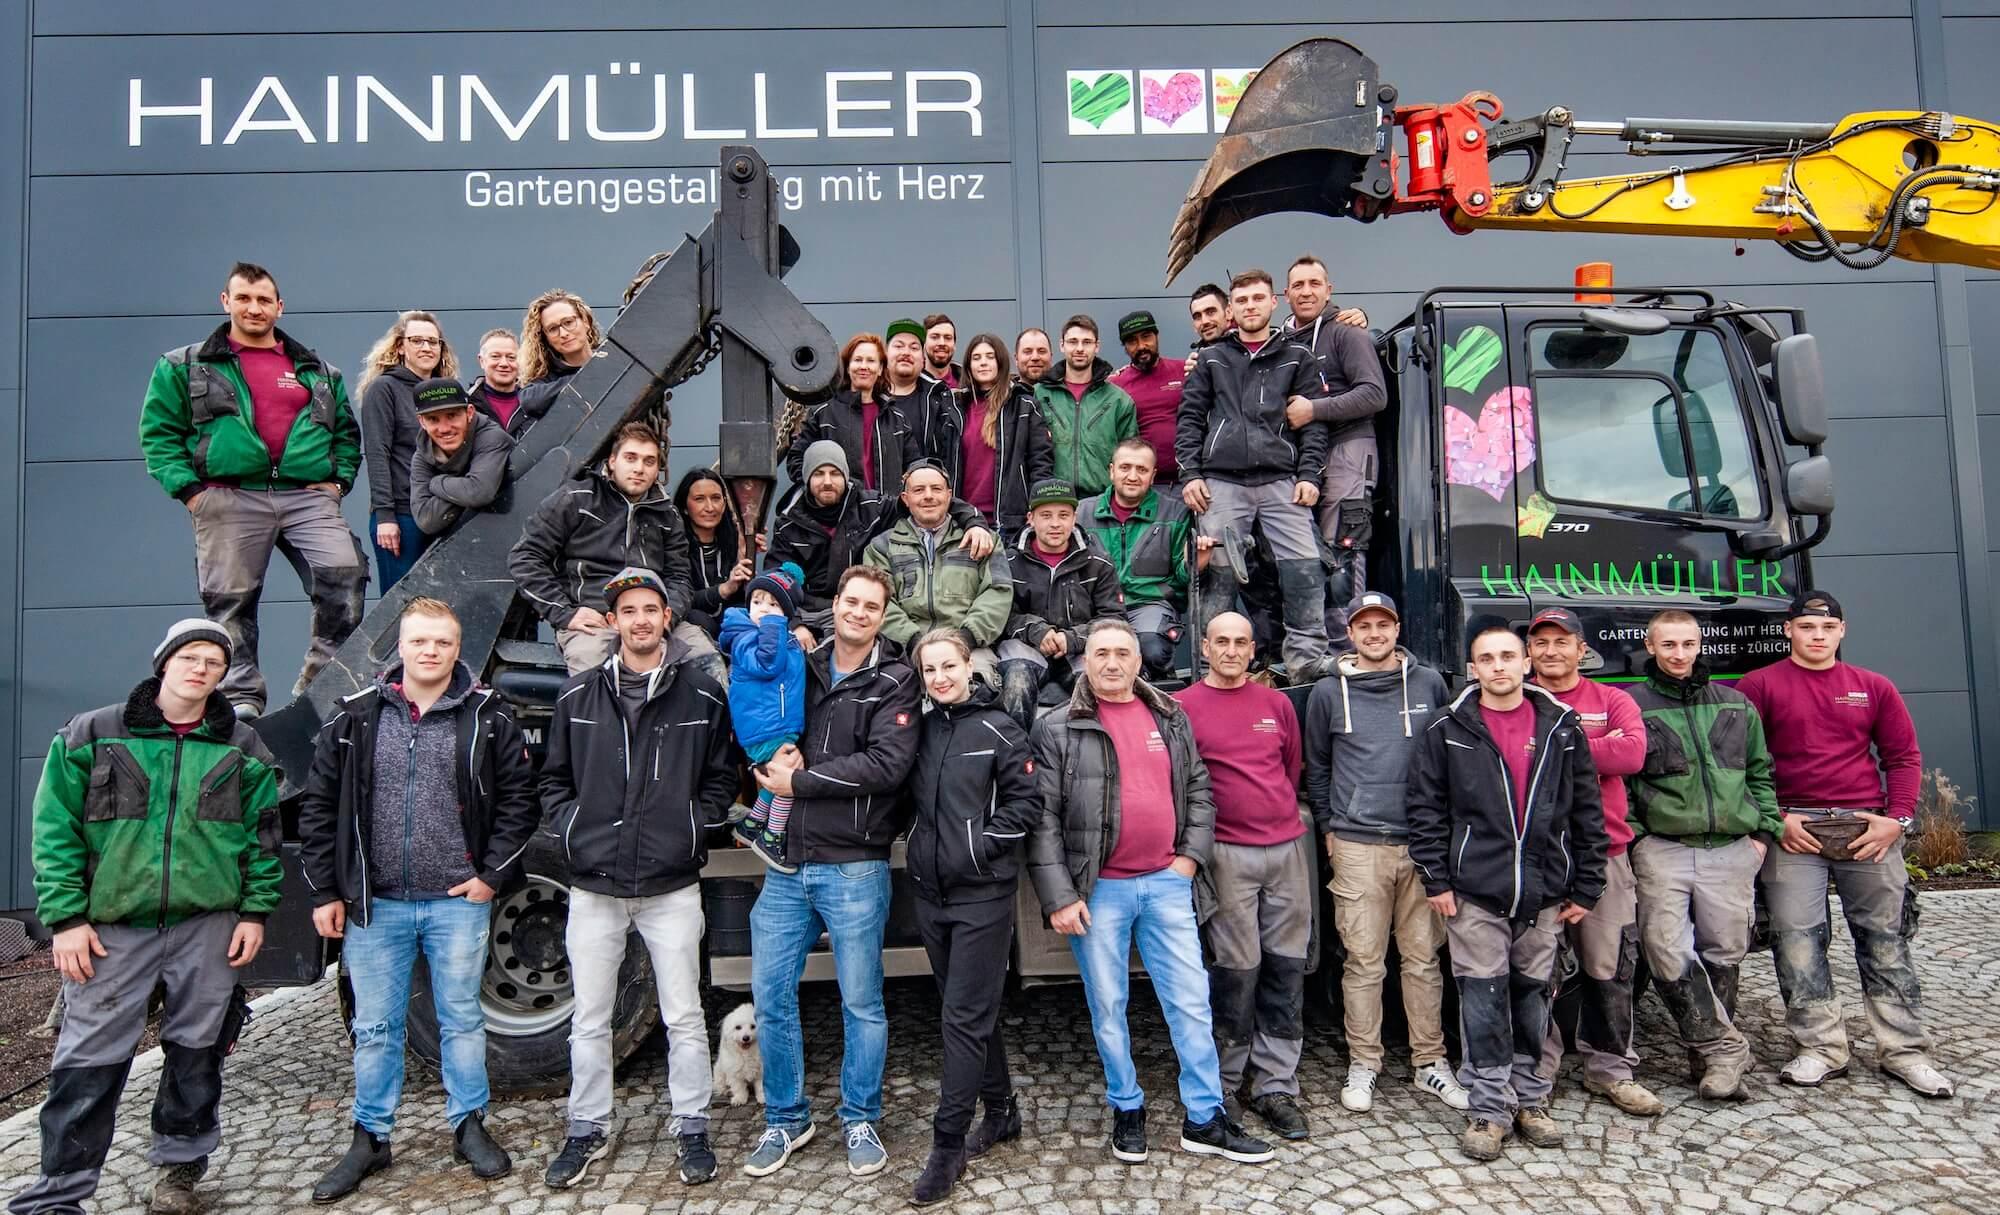 Team_Hainmueller